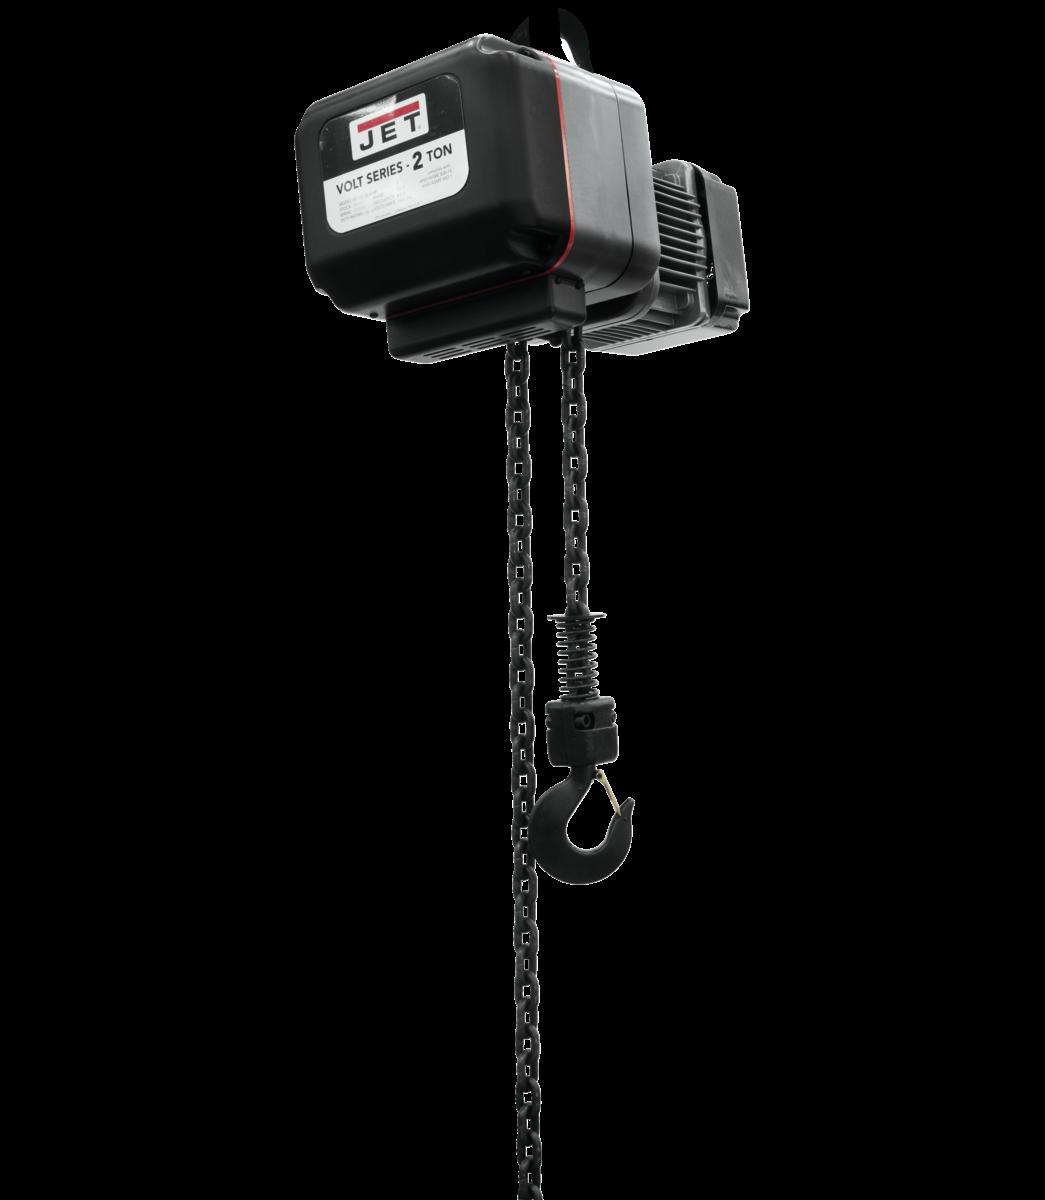 VOLT 2T VARIABLE-SPEED ELECTRIC HOIST 3PH 460V 15' LIFT